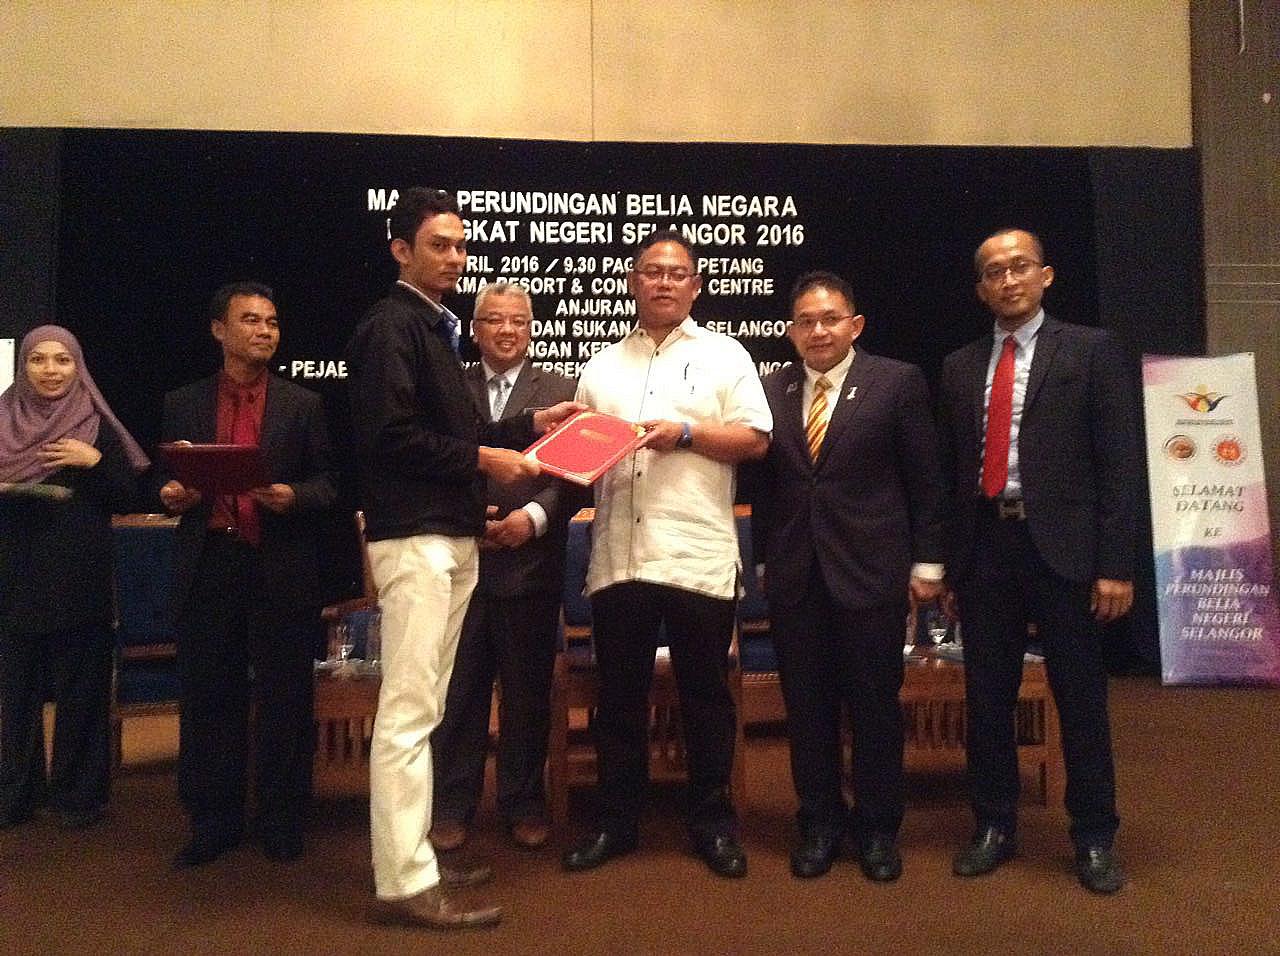 PEMBINA Majlis Perundingan Belia Negara